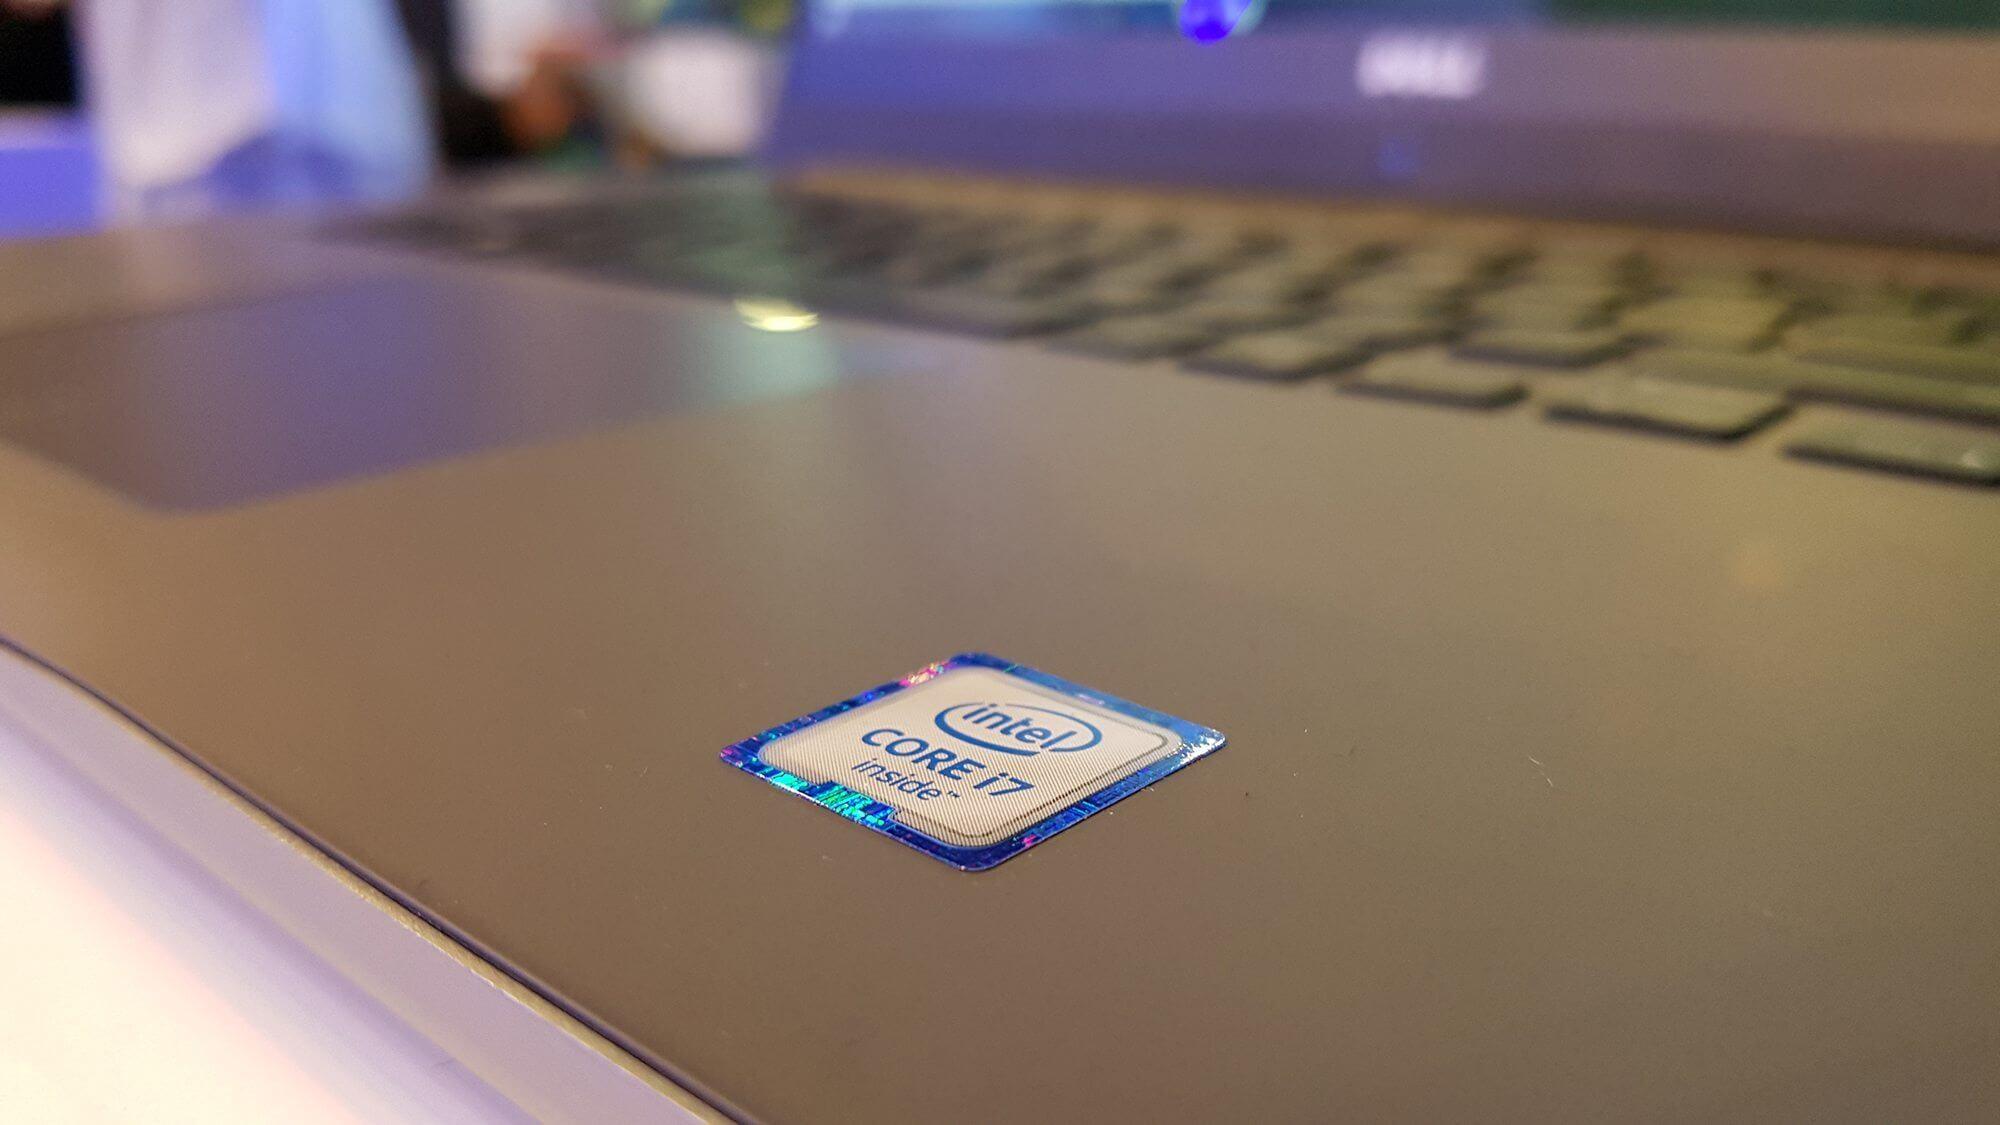 Dell lança no Brasil notebooks finos e poderosos com 14 e 15 polegadas 7